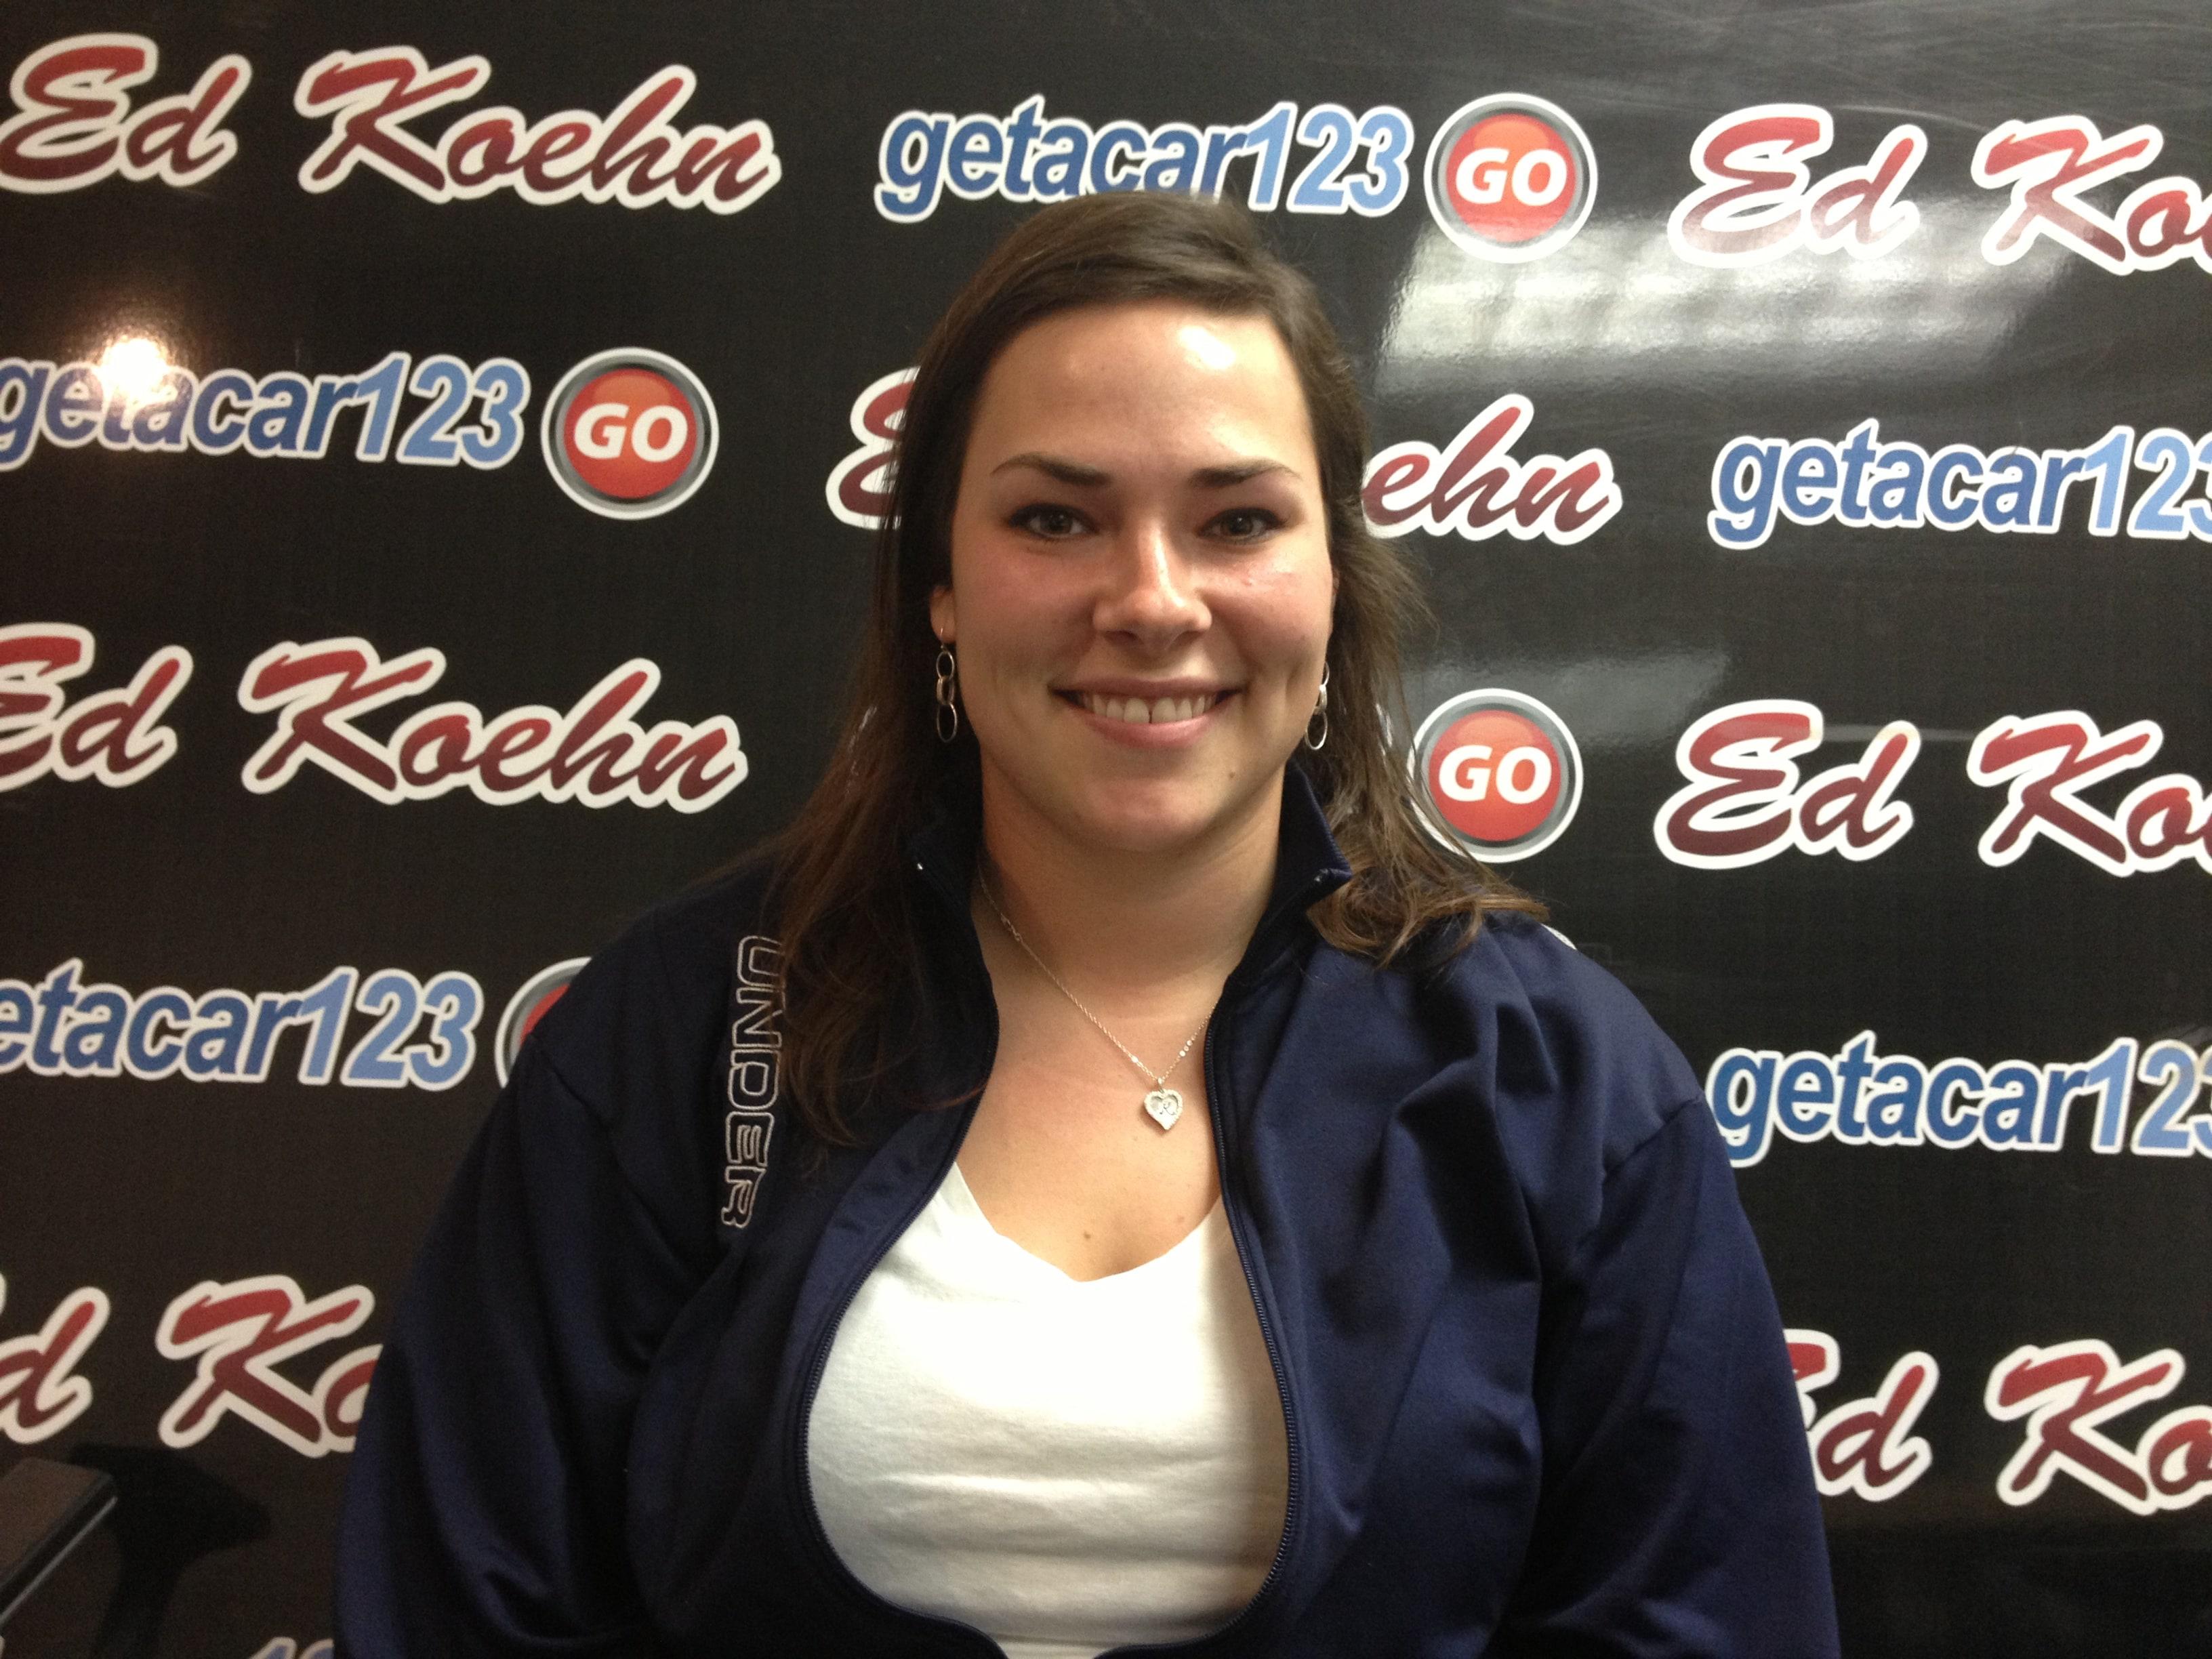 Jeep Dealership Grand Rapids Mi >> Meet our Staff   Ed Koehn CJDR   Greenville, MI